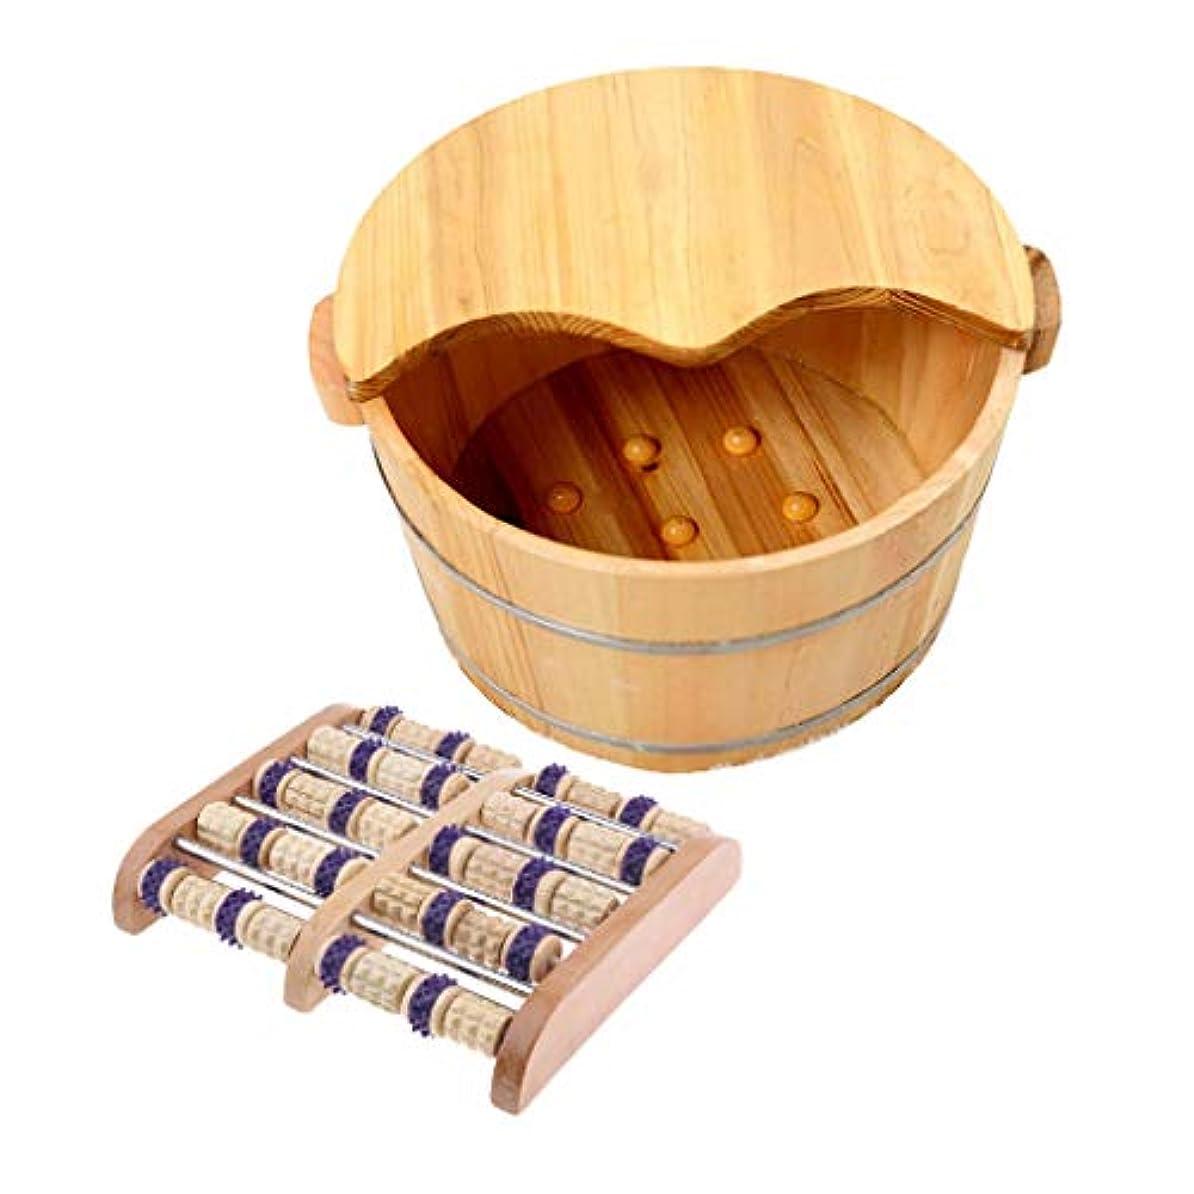 遺体安置所飢結婚するCUTICATE 足つぼマッサージ器 手作りウッドフットマッサー 木製の足の洗面台付き 足裏 ツボ押 血行促進